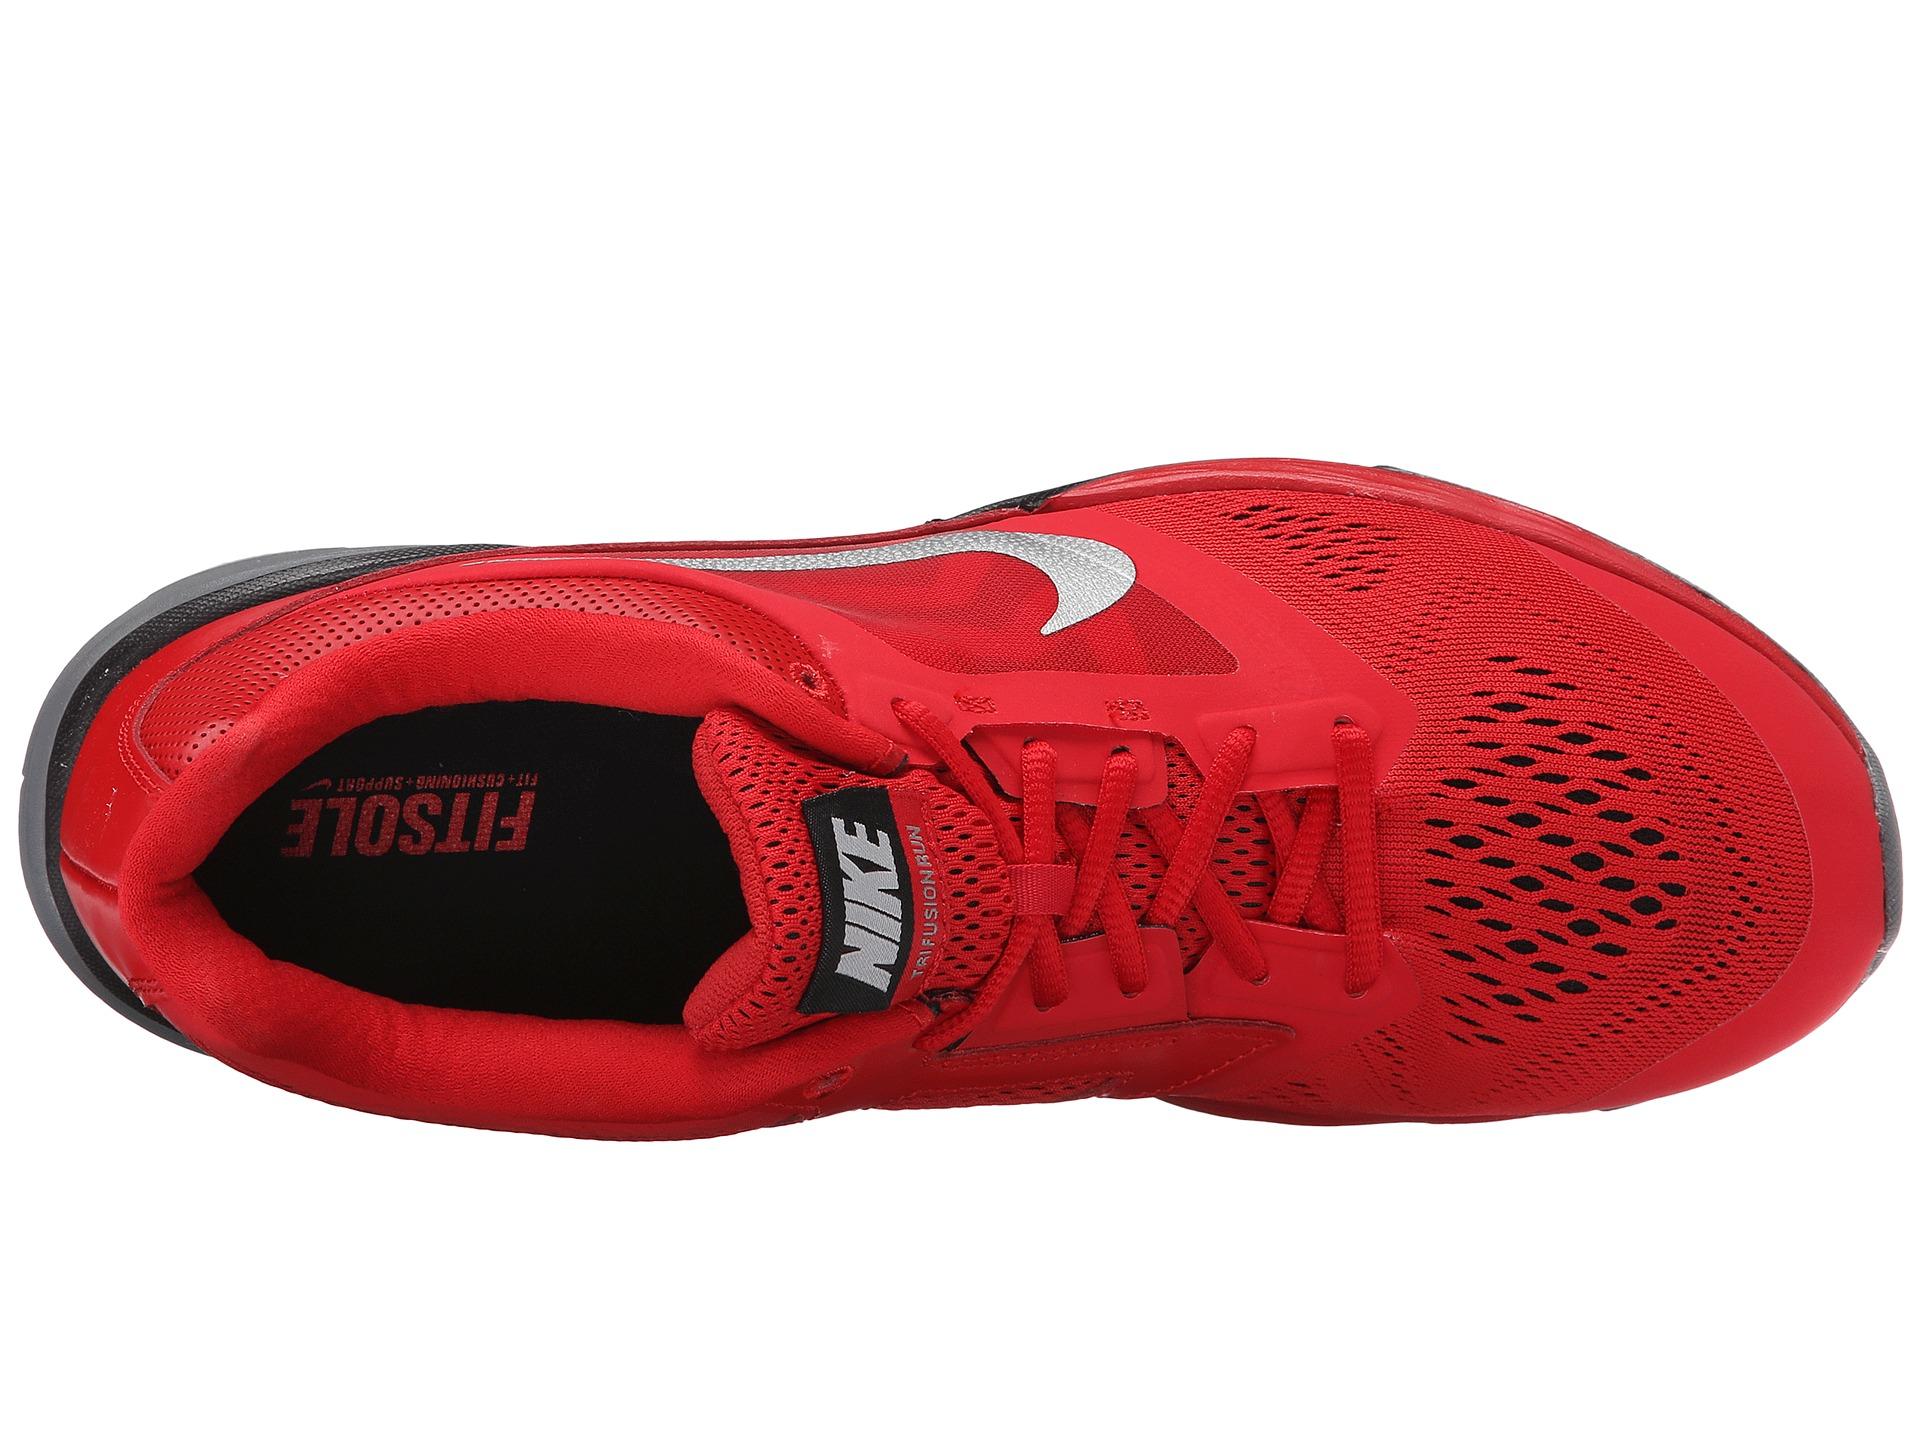 Lyst - Nike Tri Fusion Run in Red 3bb5a0fda